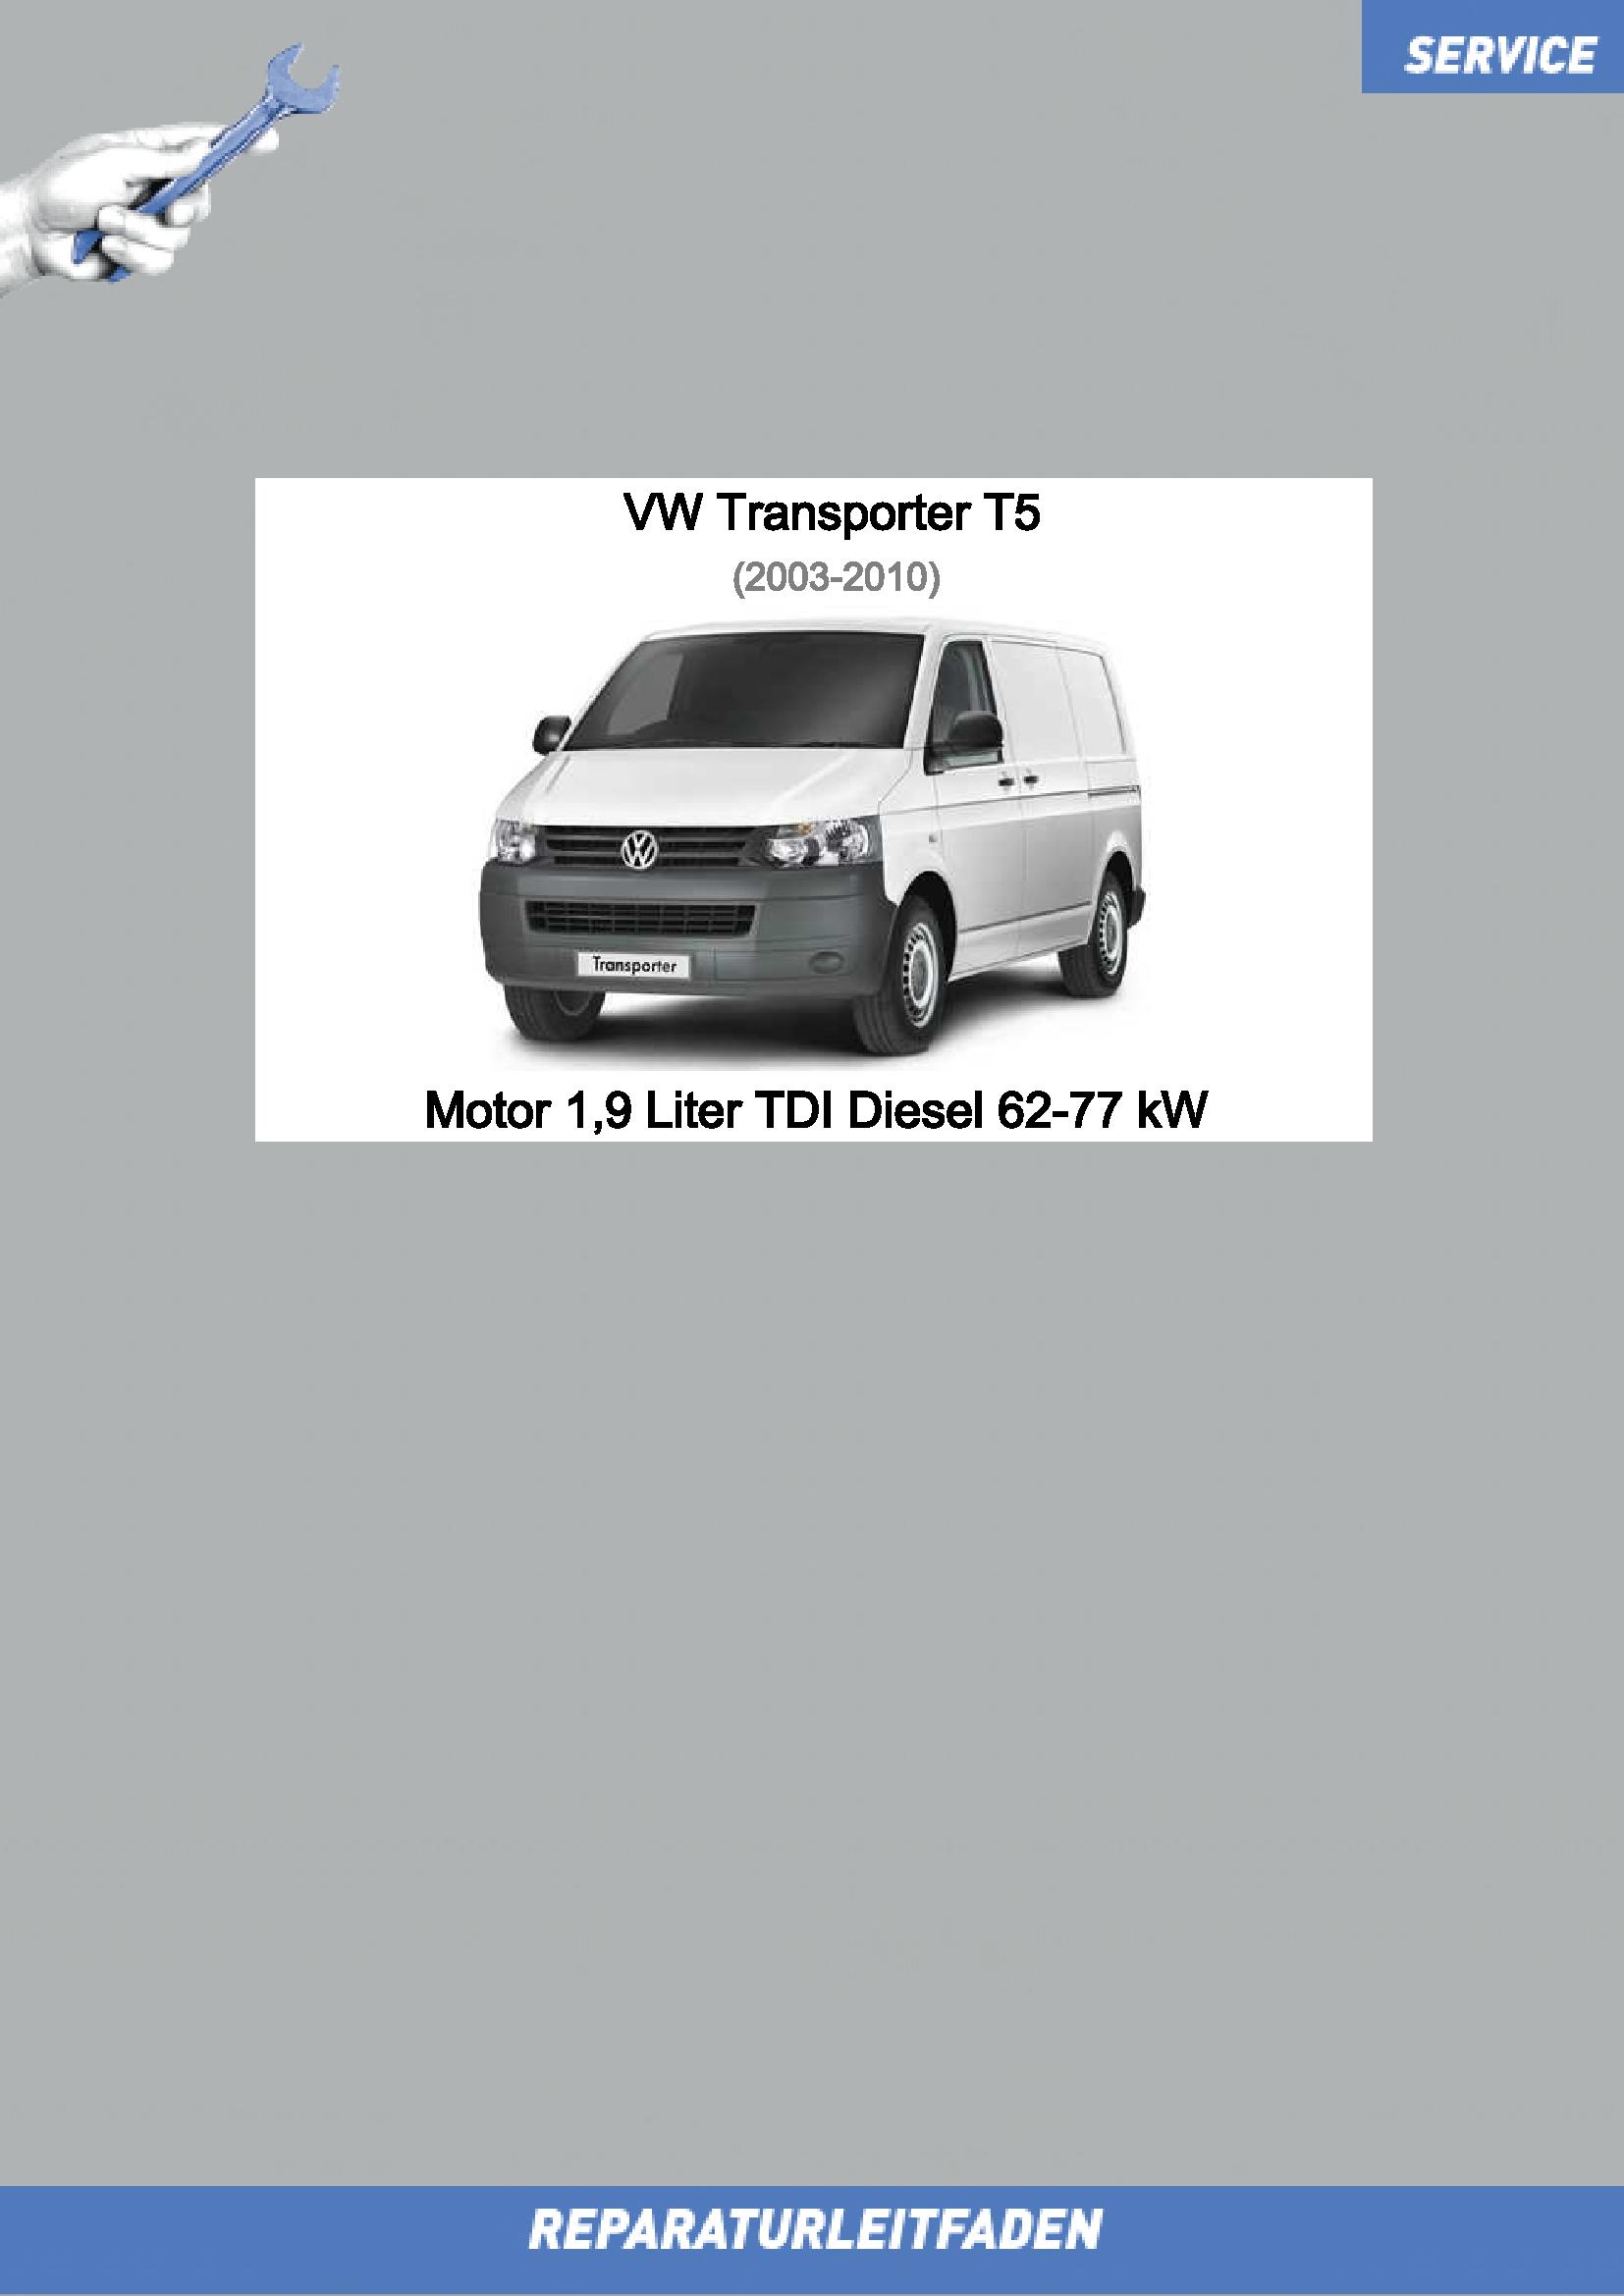 vw-t5-7h-0019-motor_1_9_liter_tdi_diesel_62_77_kw_1.png